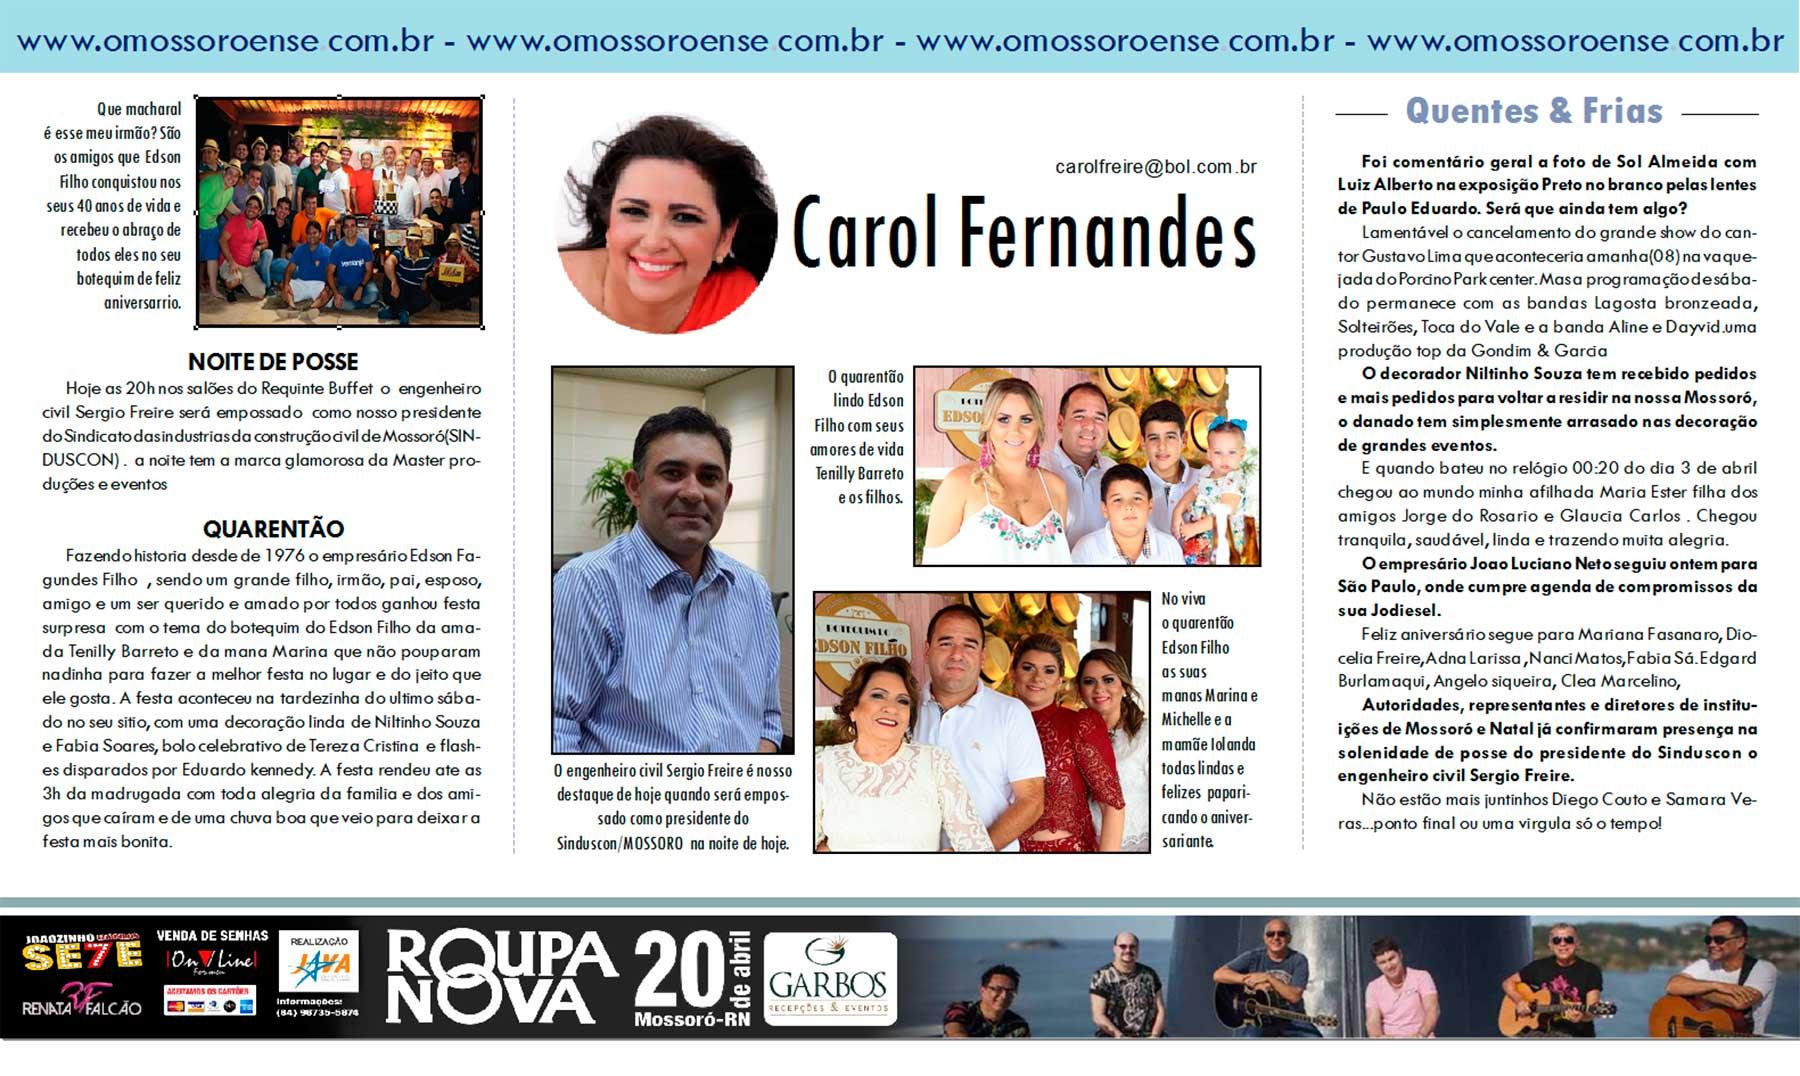 CAROL-FERNANDES---07-04-16